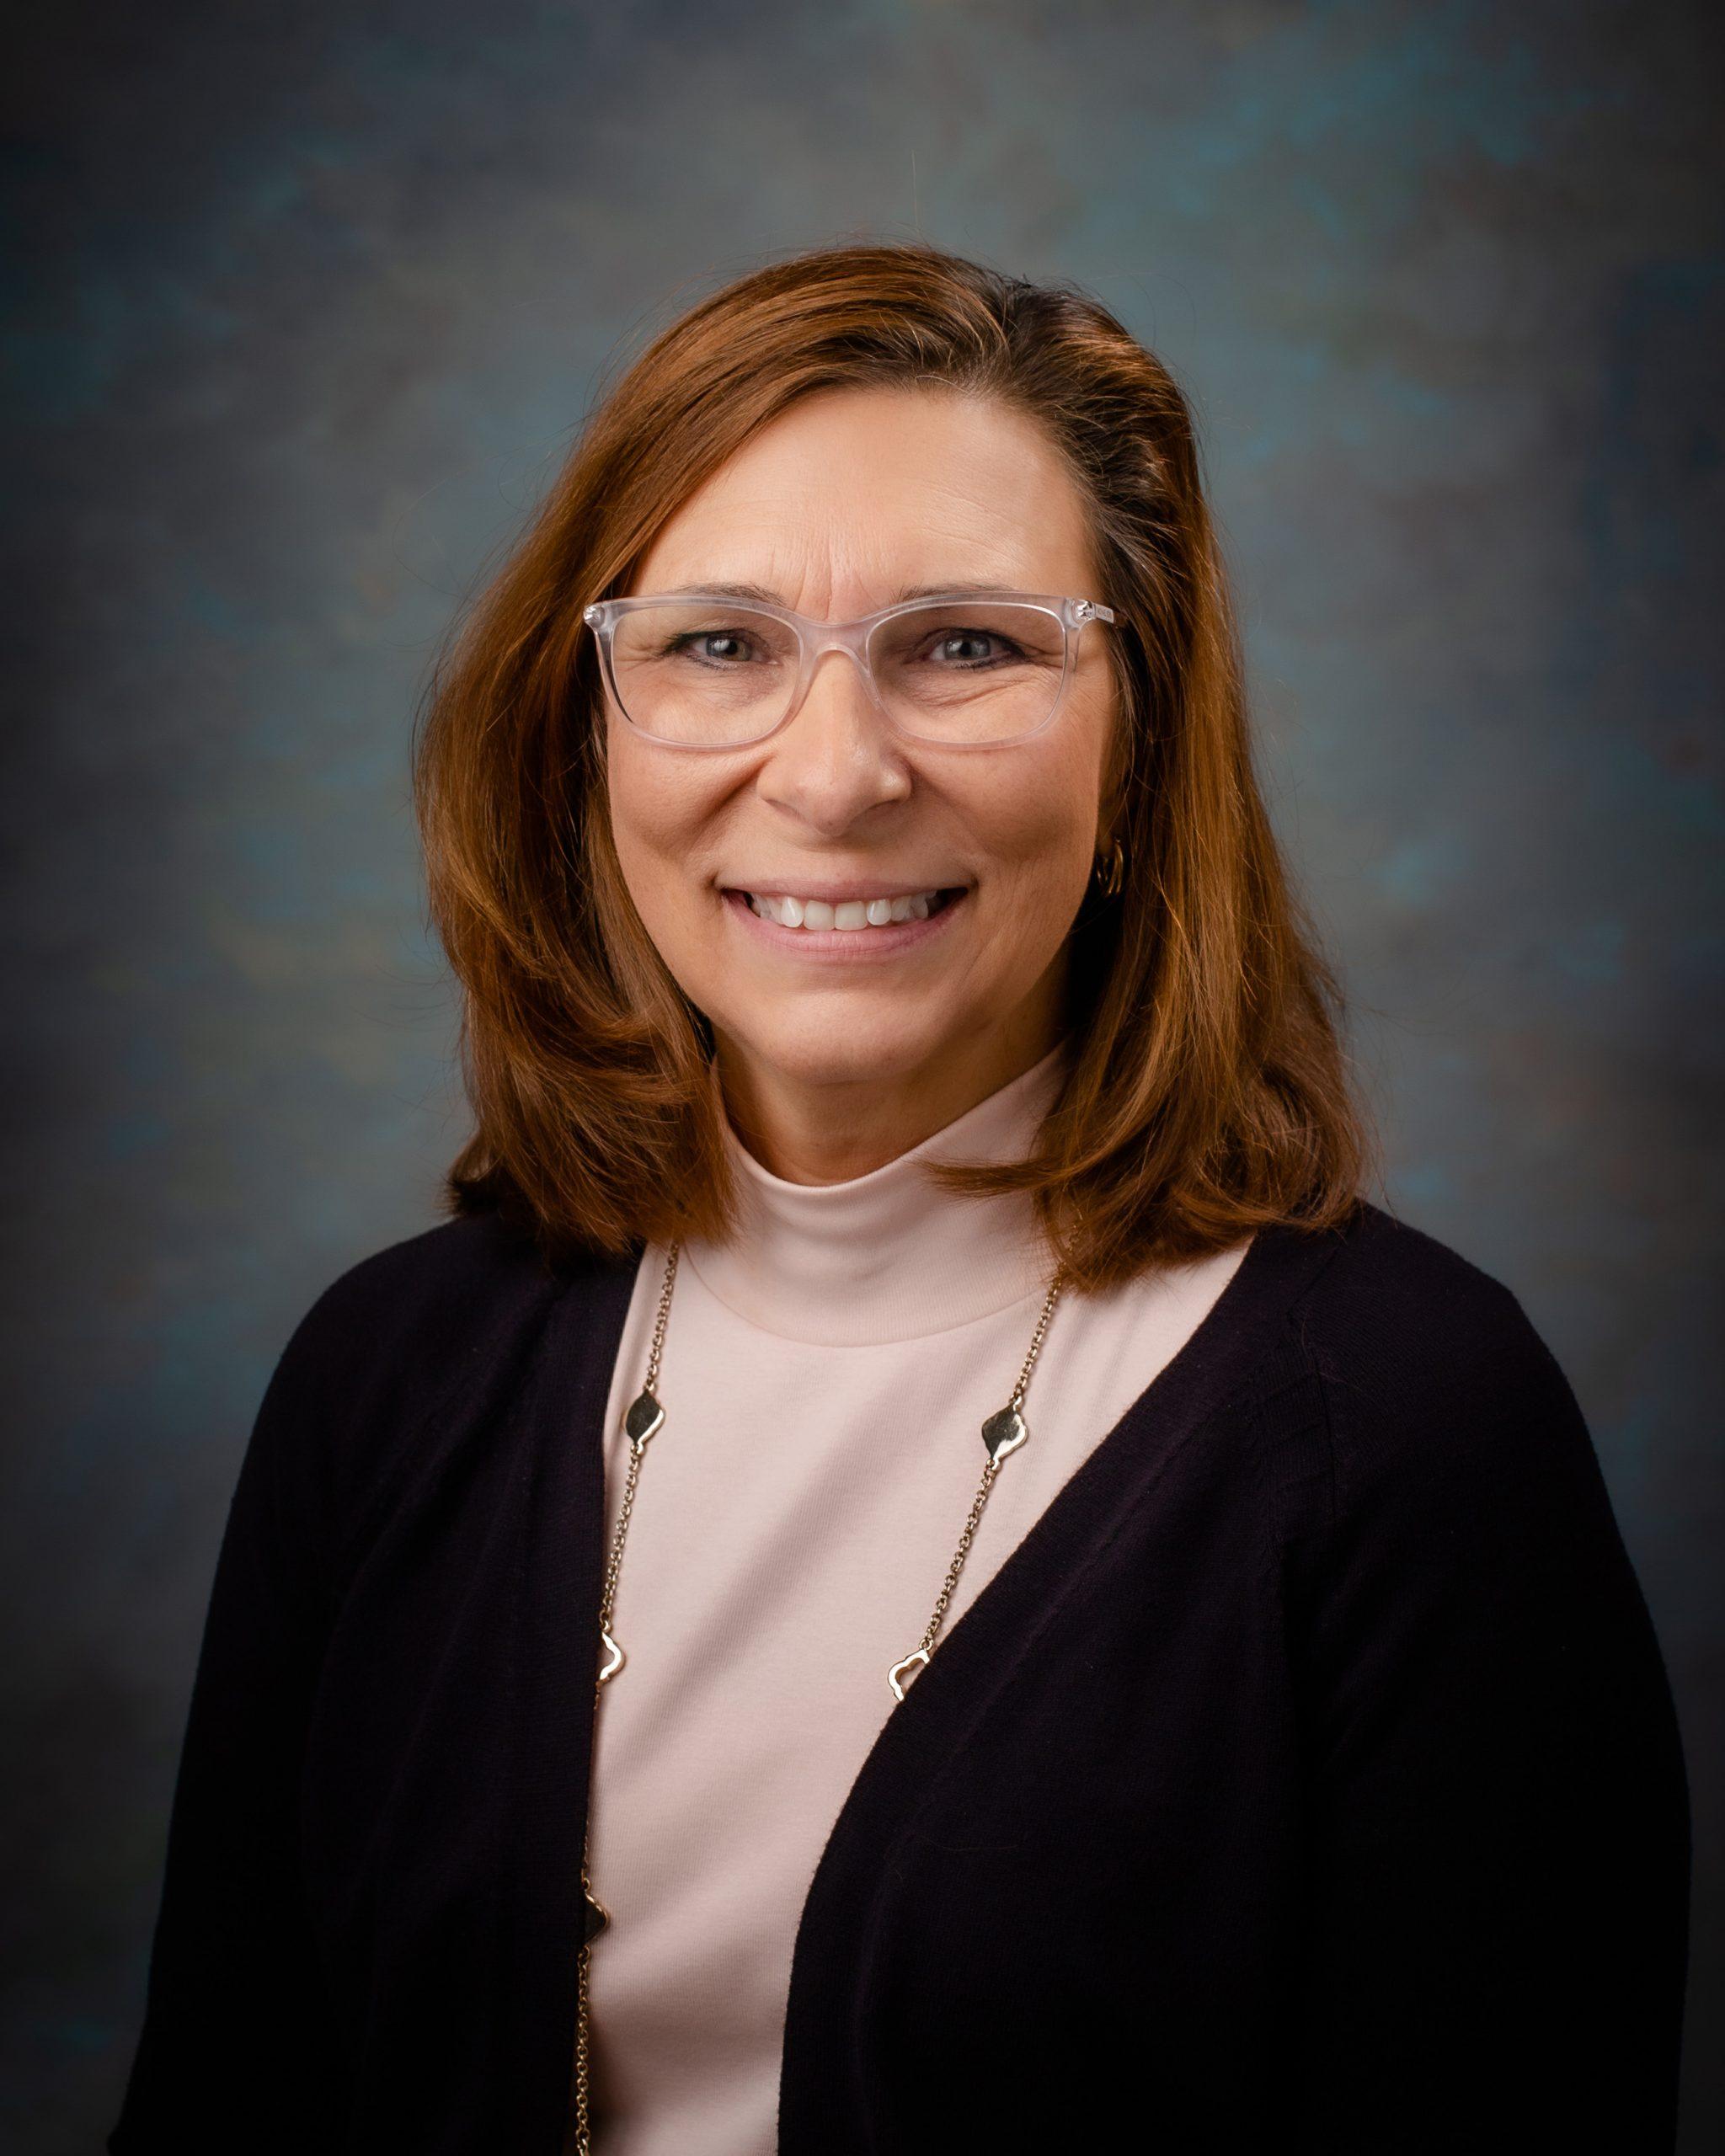 Image of Patti Scalf